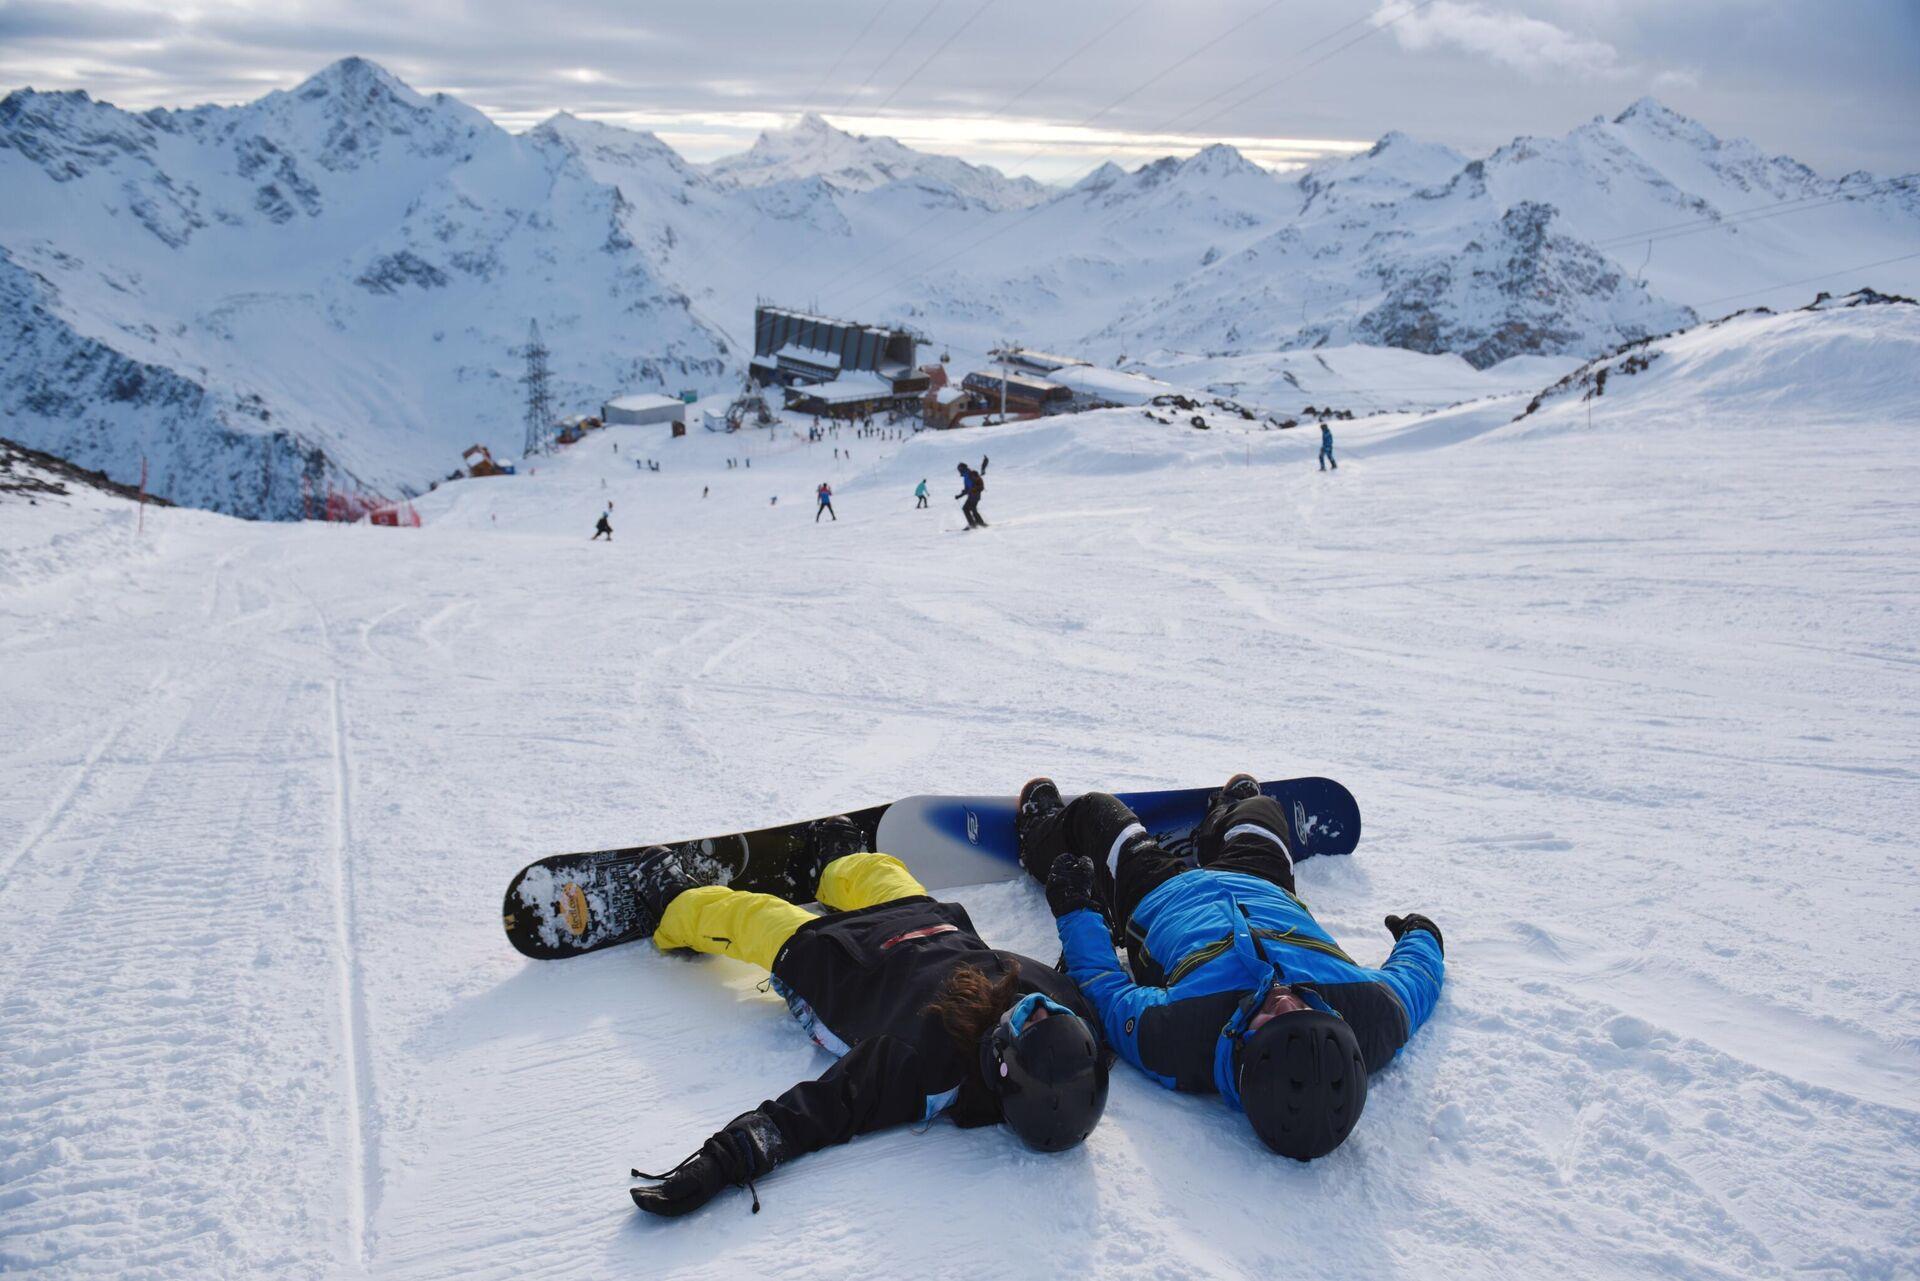 Сноубордисты на снегу в Поляне Азау, на горнолыжном курорте Эльбрус в Кабардино-Балкарской республике - РИА Новости, 1920, 18.03.2021